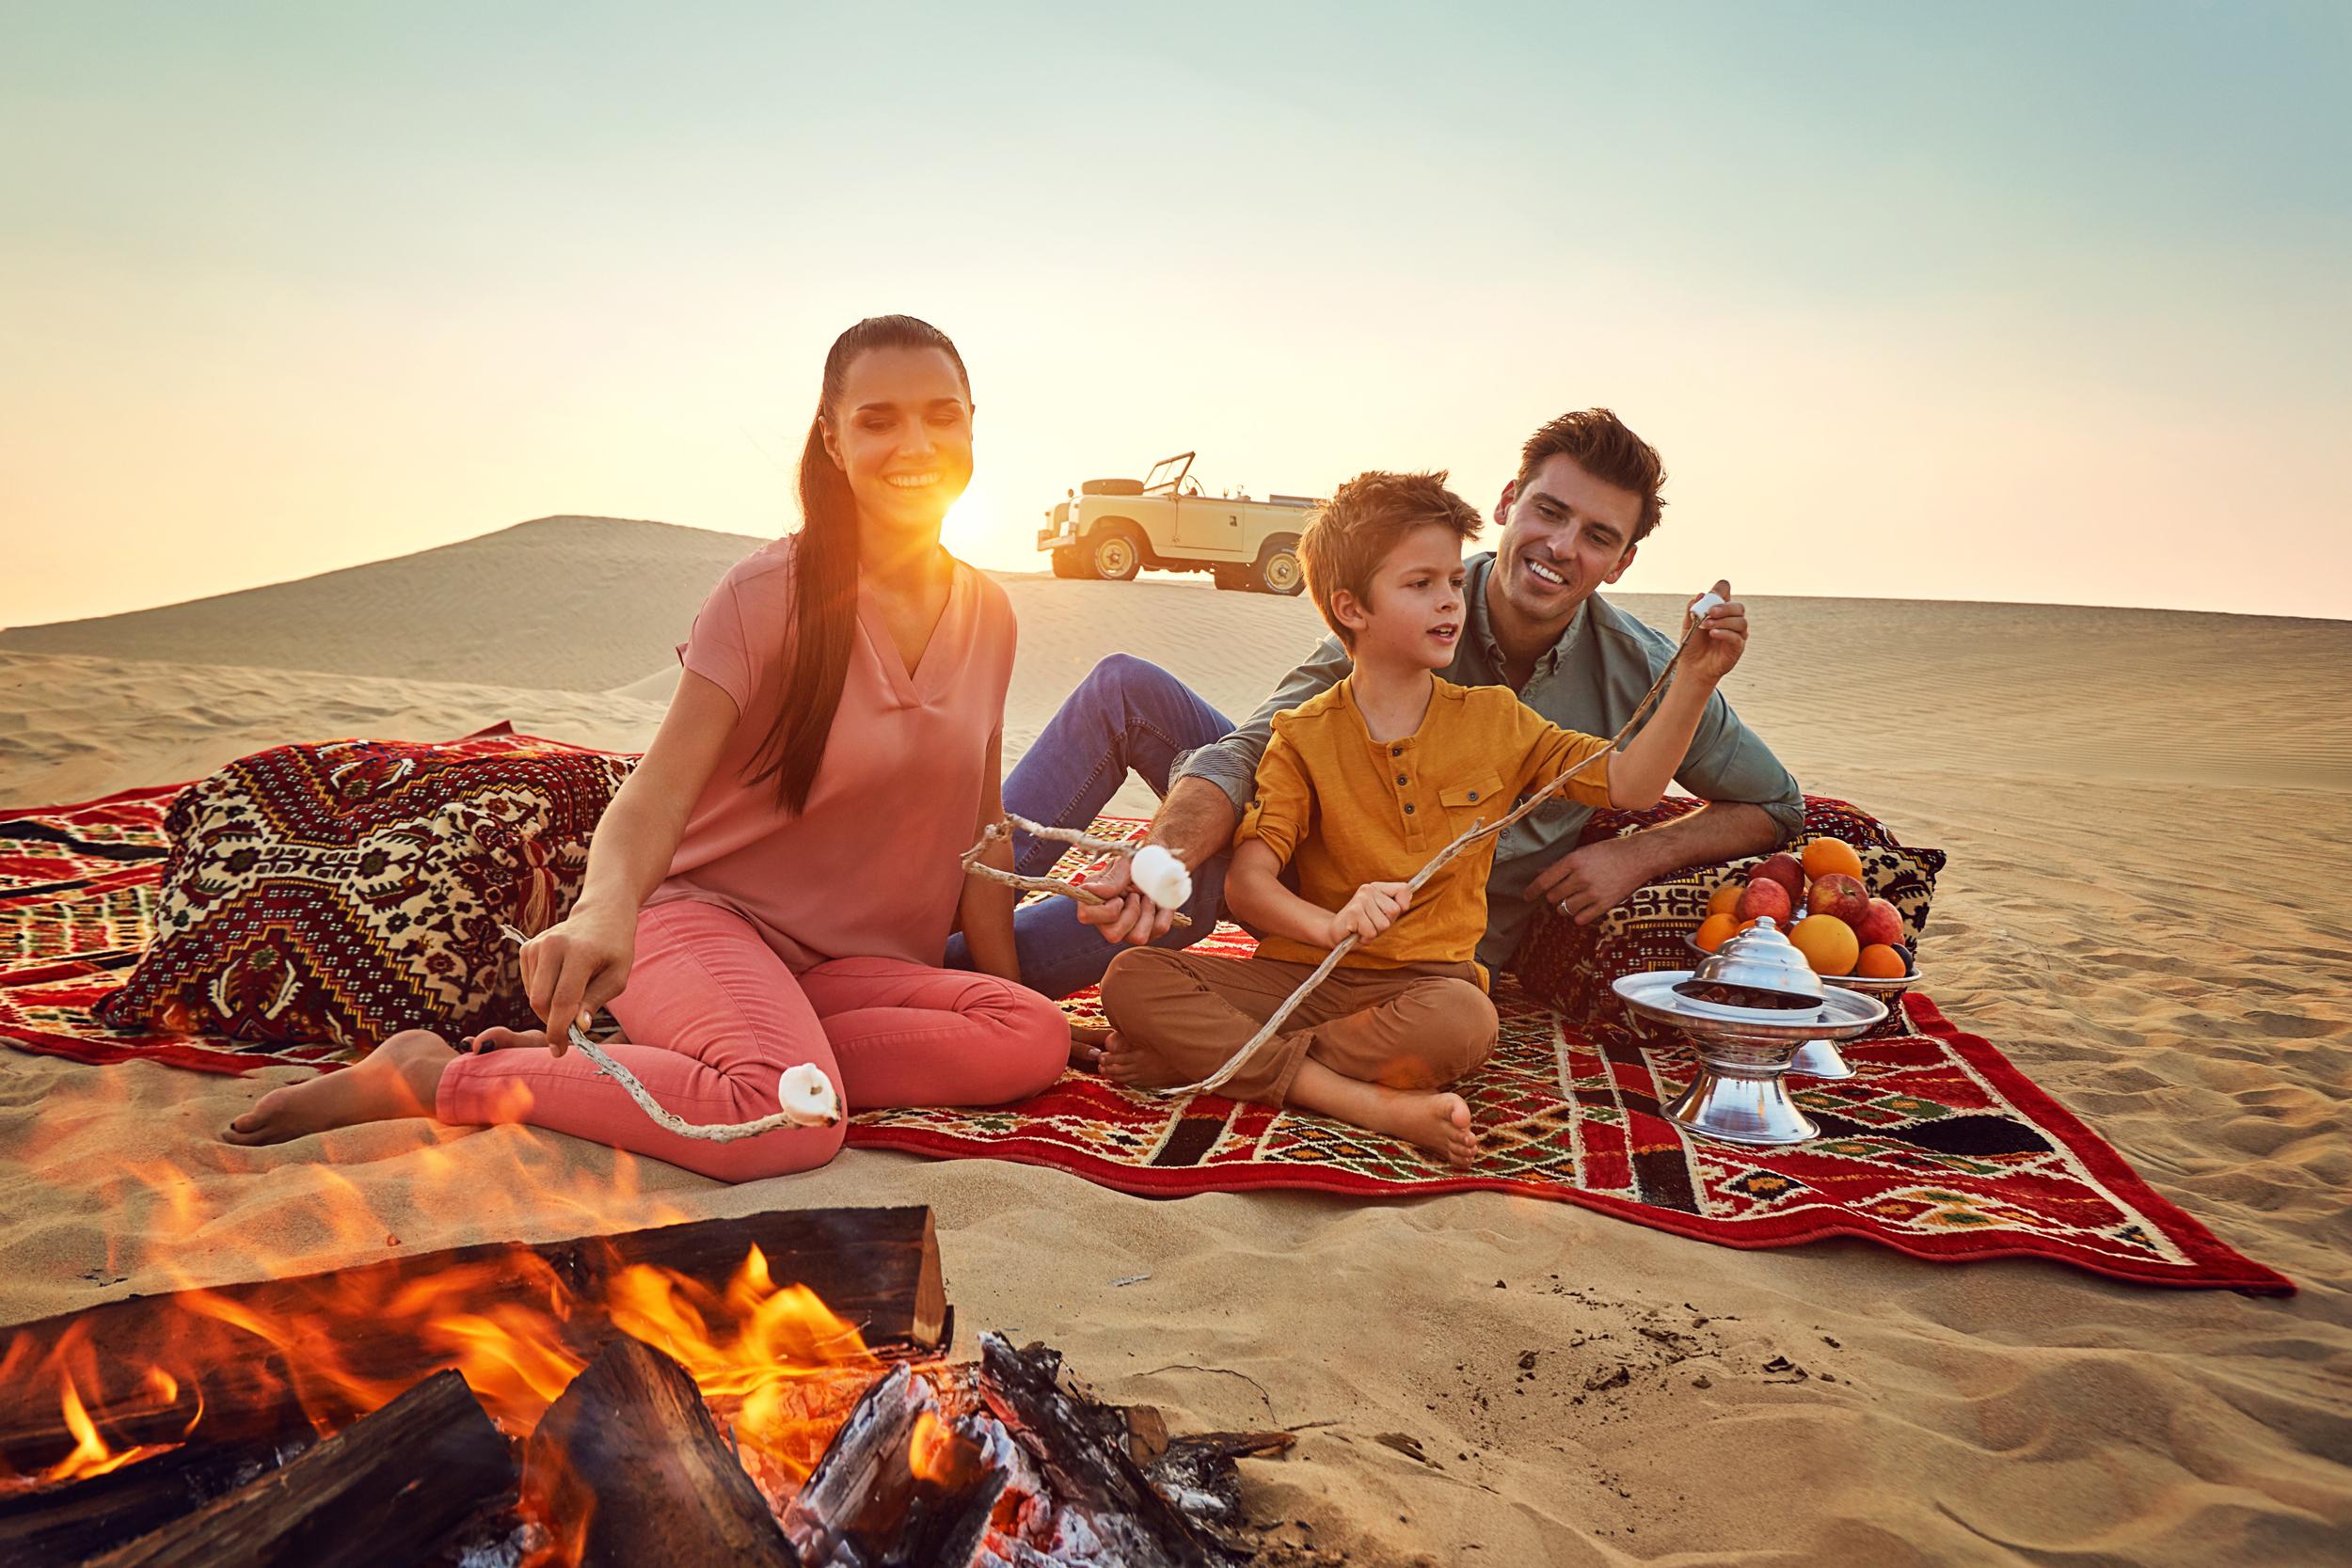 8_17_Desert_Camping_Euro_fam.jpg